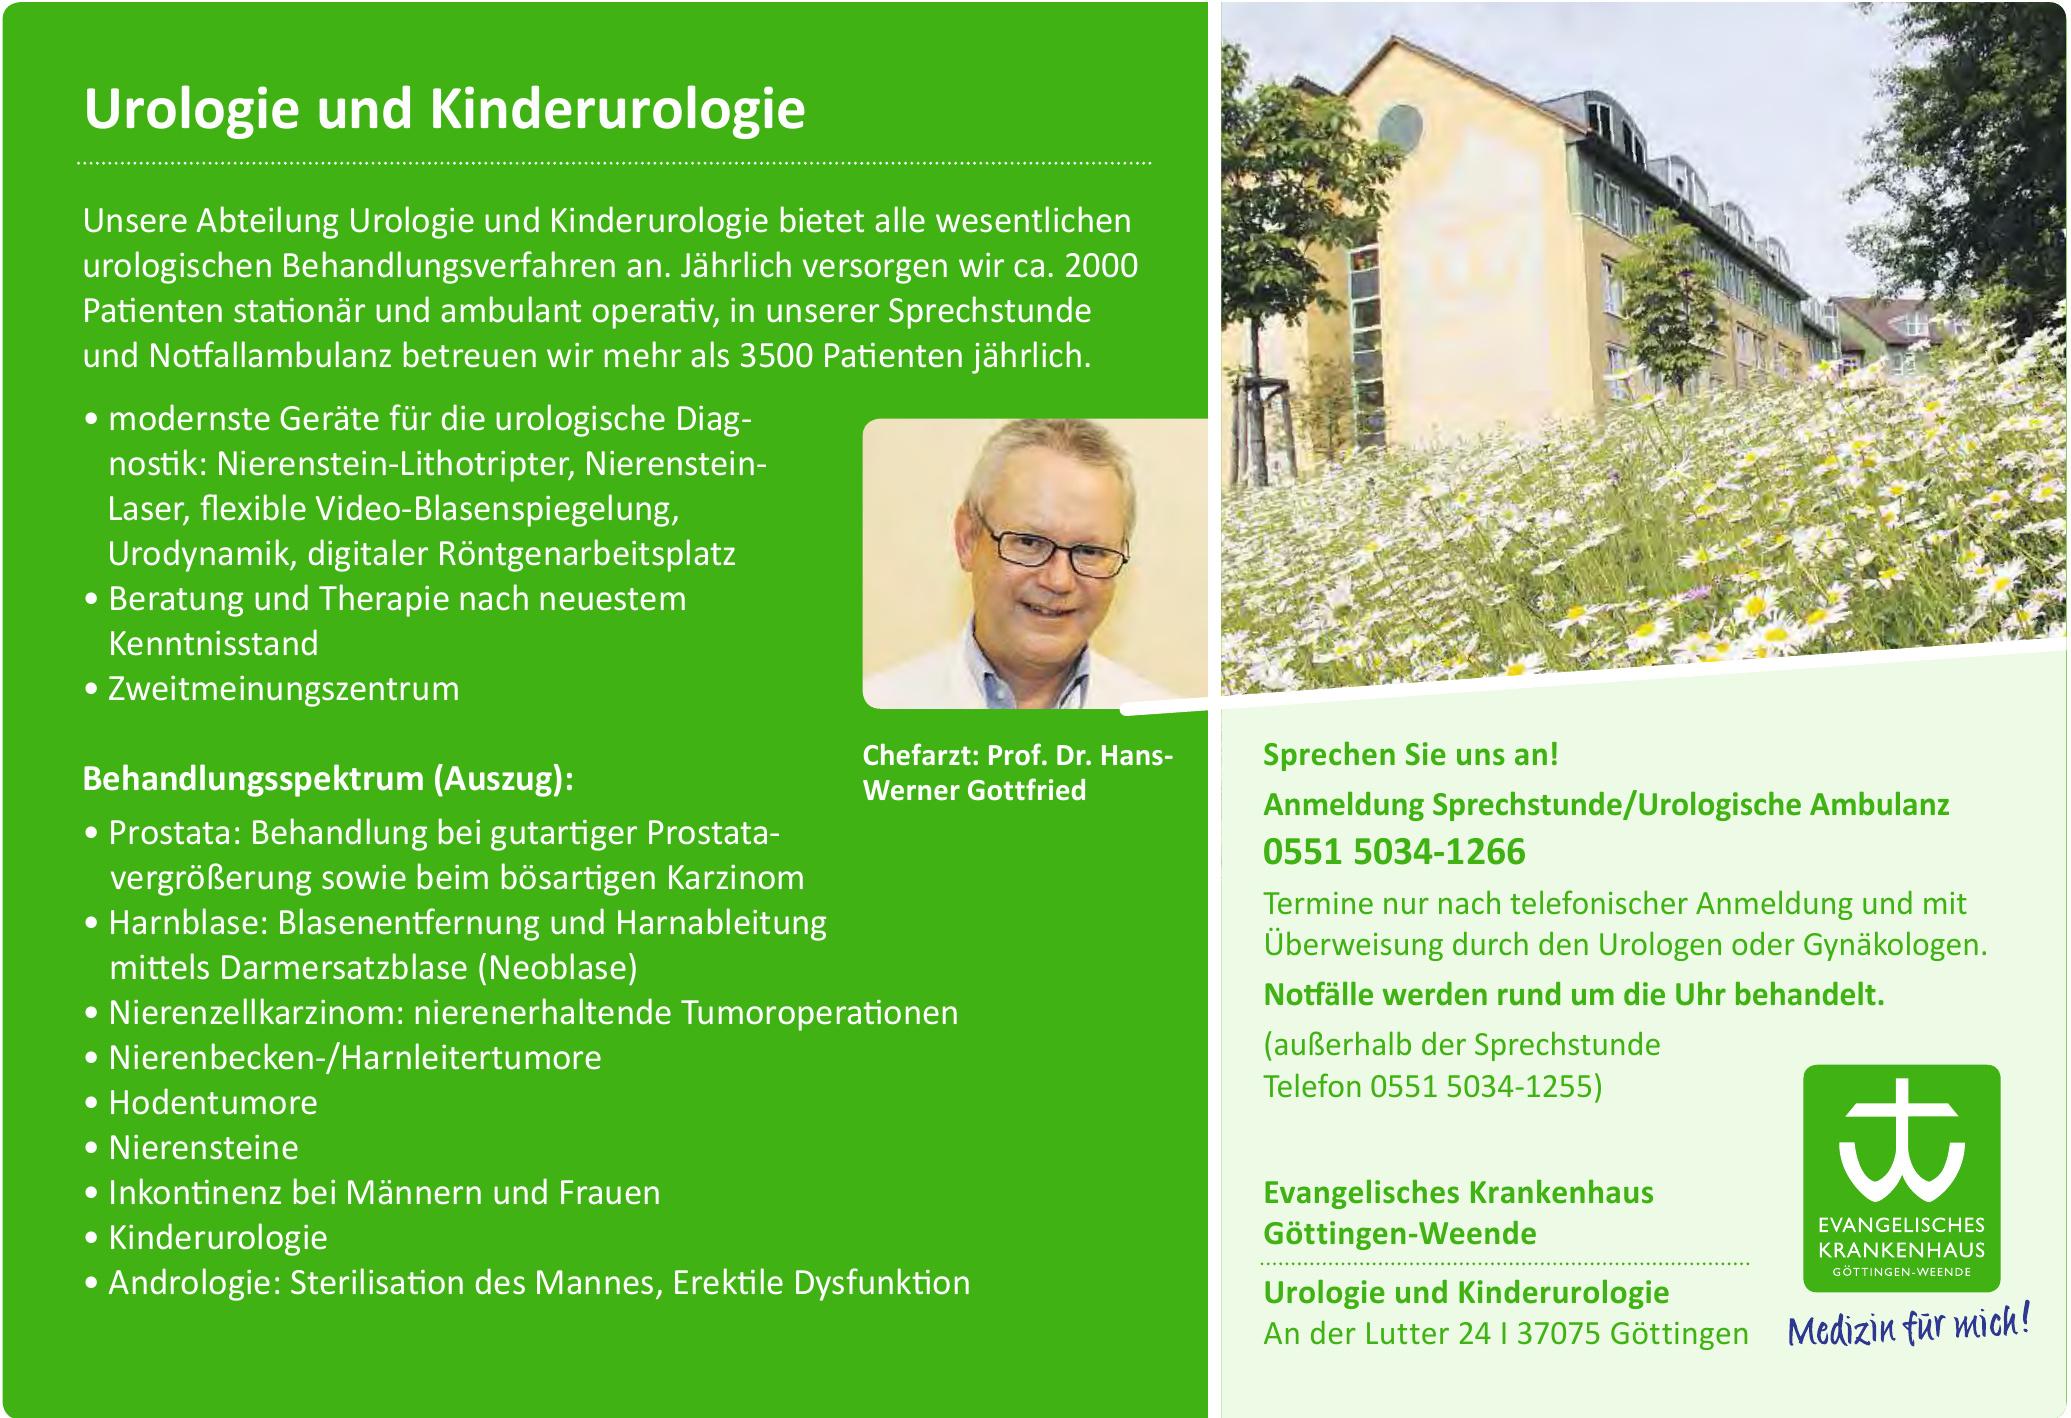 Evangelisches Krankenhaus Göttingen-Weende - Dr. Bernhard Schupfner